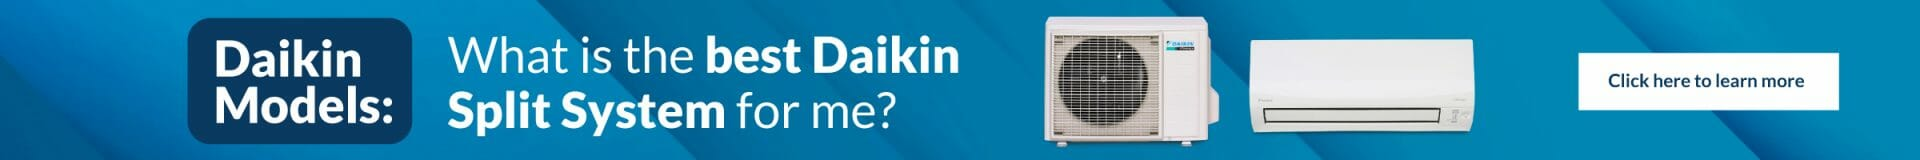 Daikin Models